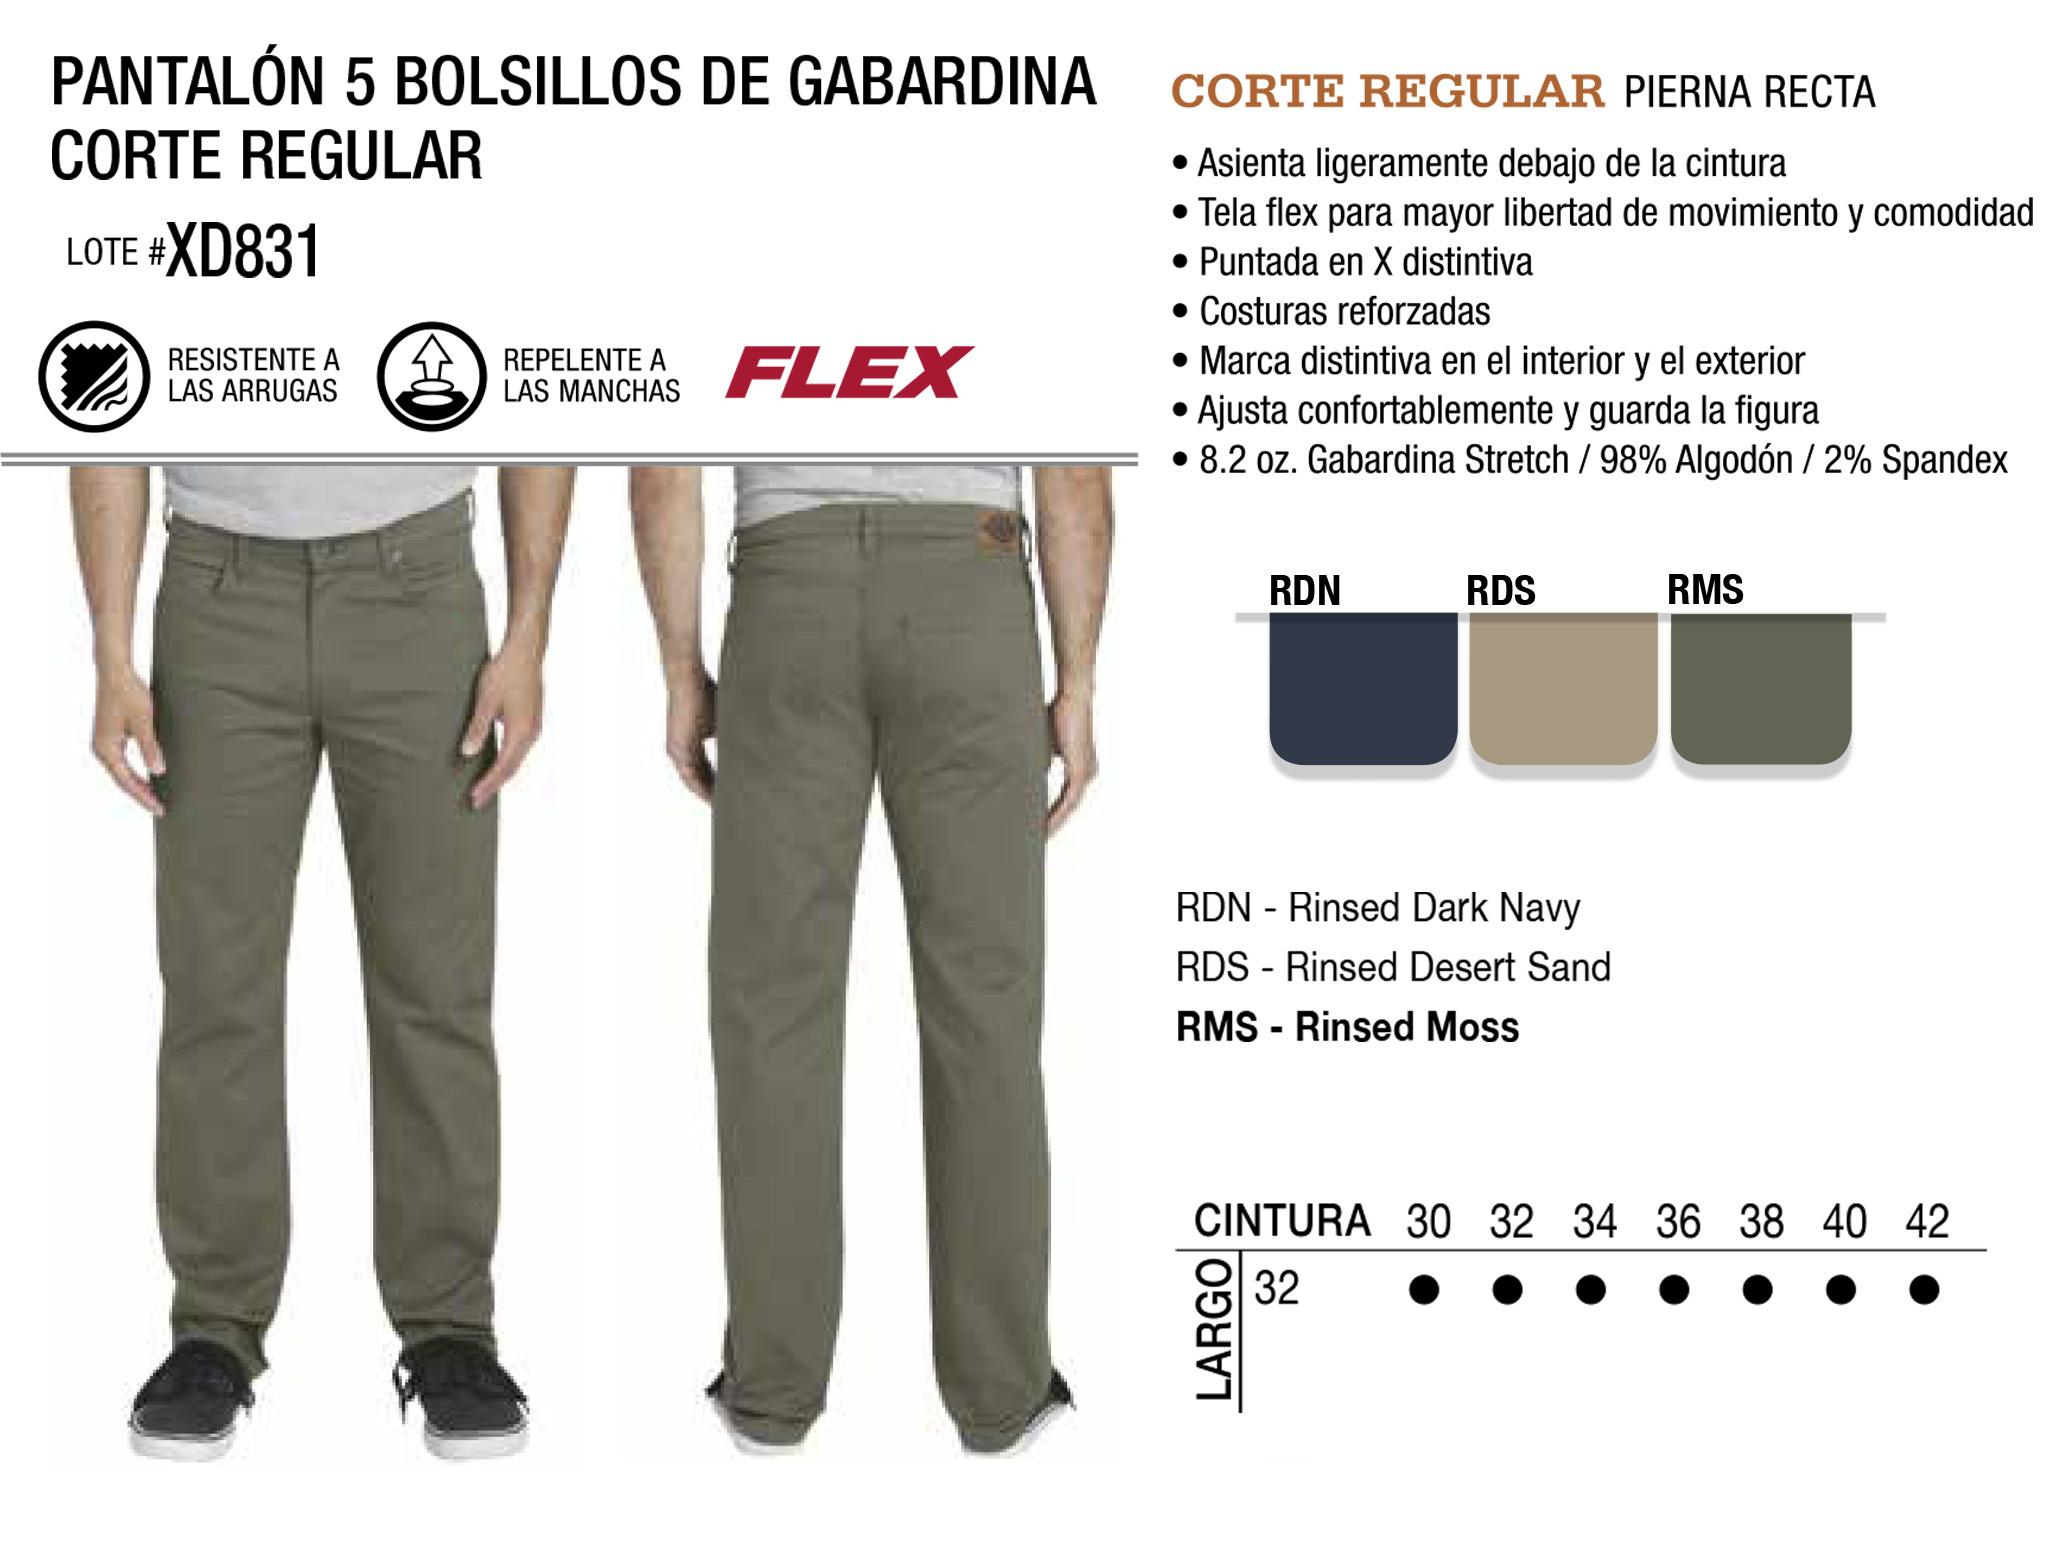 Pantalón de 5 Bolsillos de Gabardina. Corte Regular. XD831.